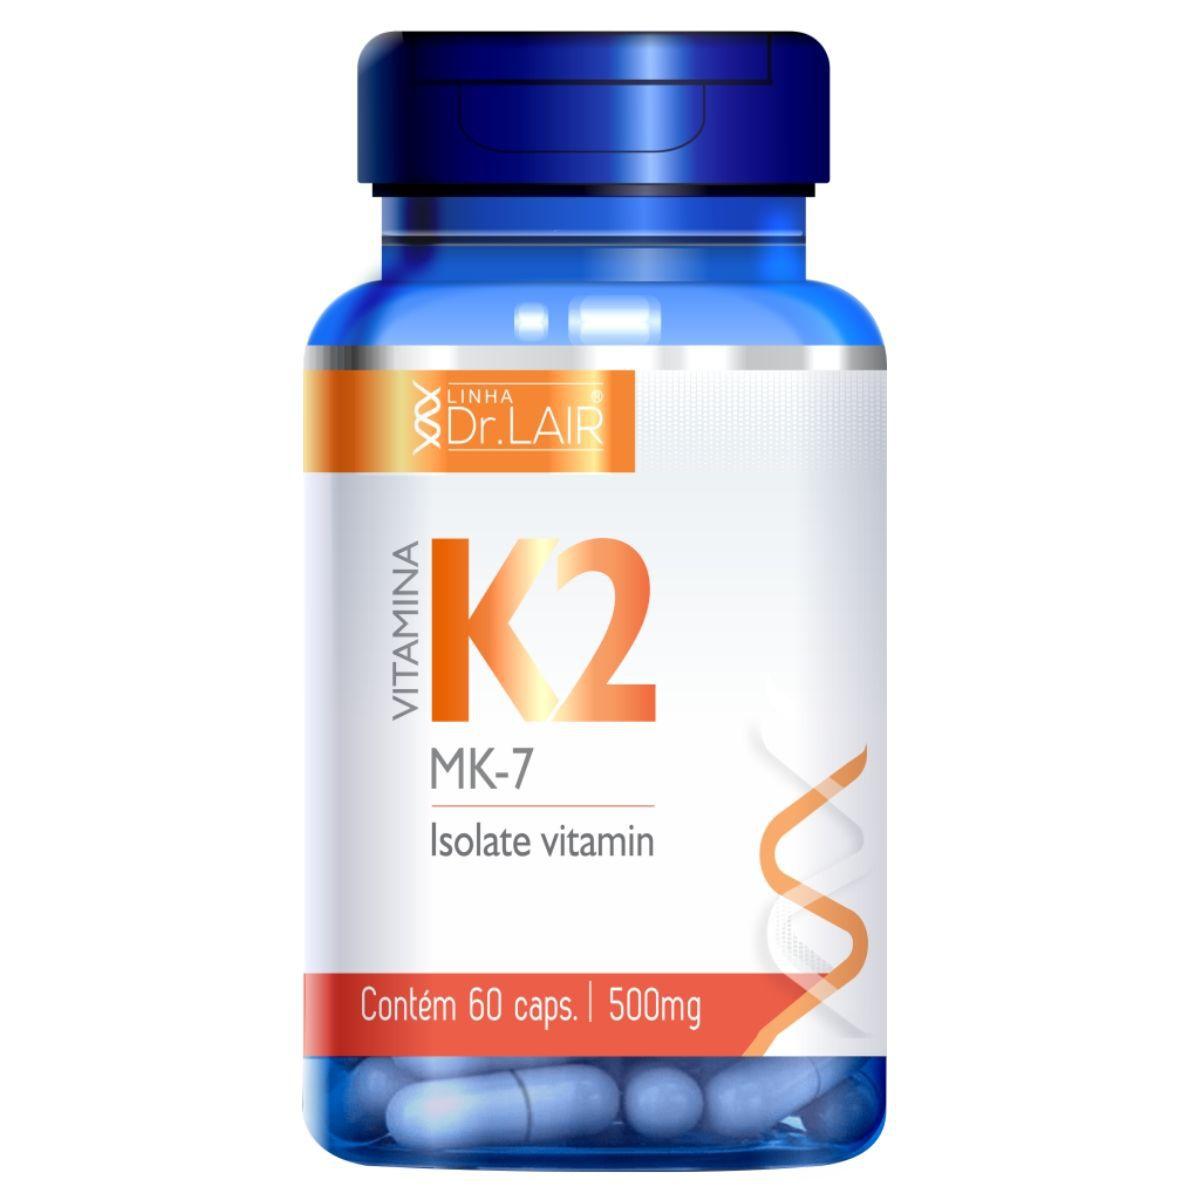 Vitamina K2 Menaquinona 60 Cápsulas 500mg Dr. Lair - Upnutri